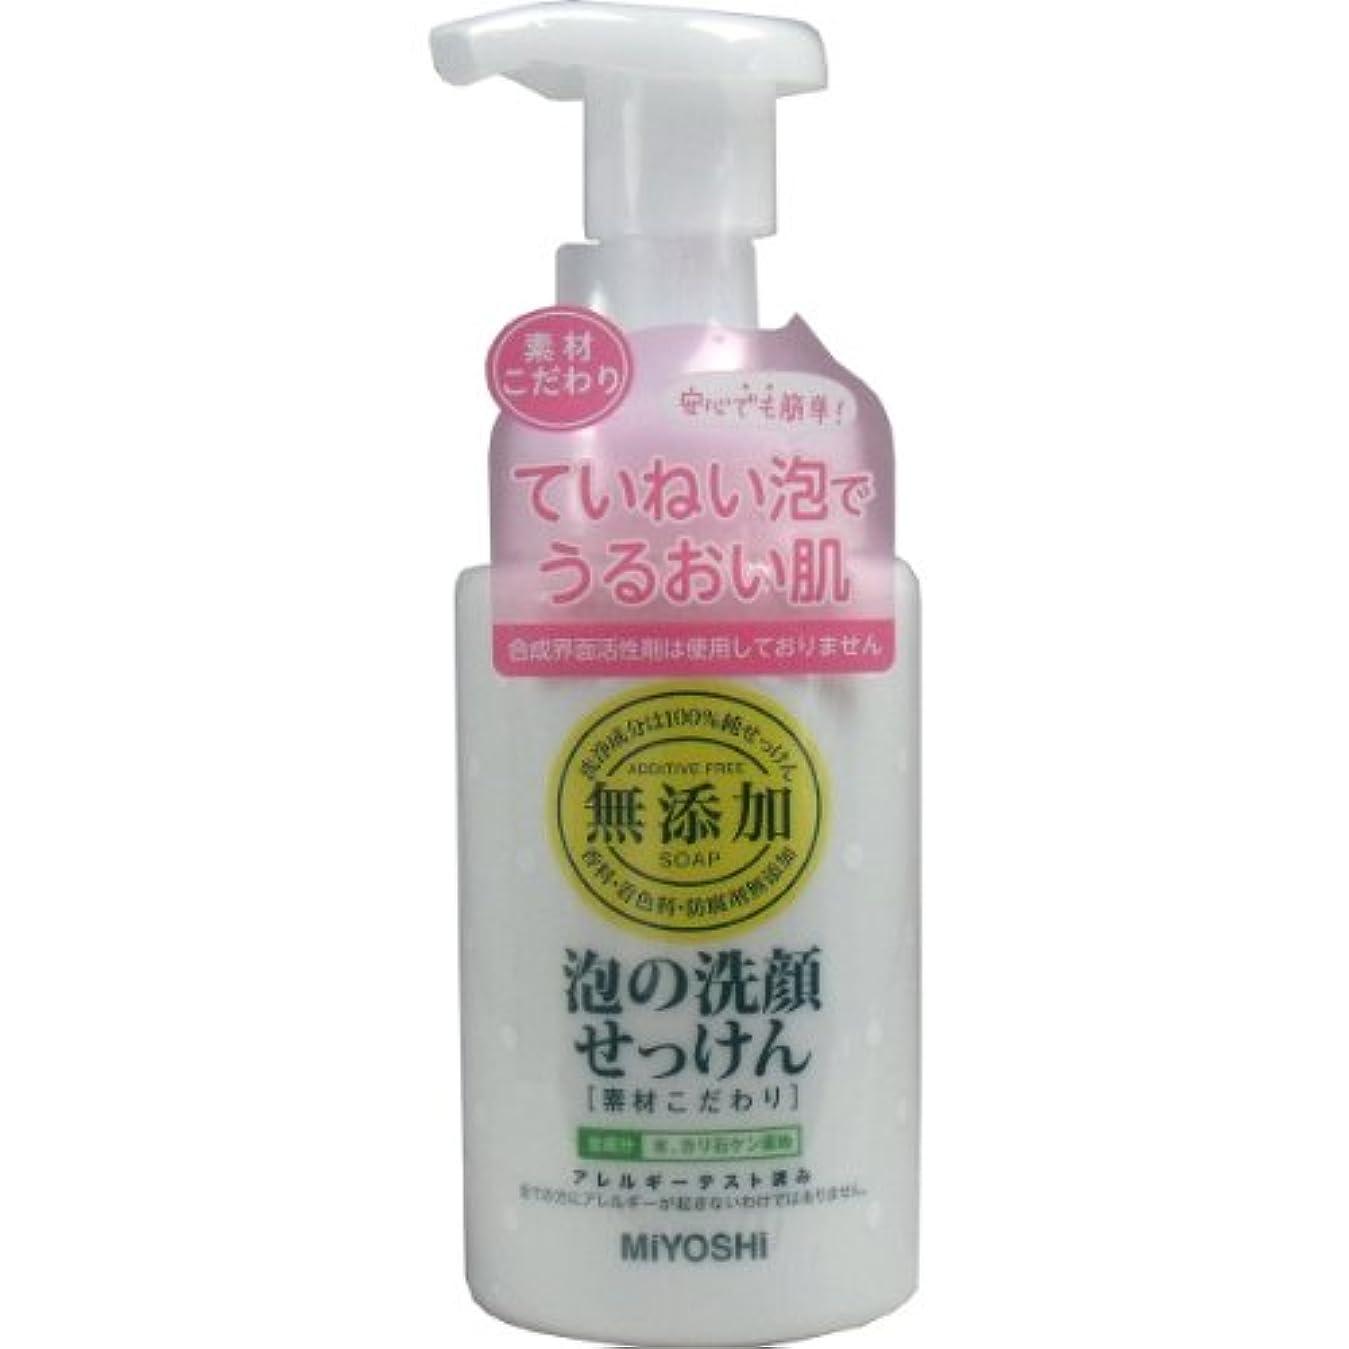 フォーマットスプレー含意【まとめ買い】無添加 素材こだわり 泡の洗顔せっけん 200ml ×2セット